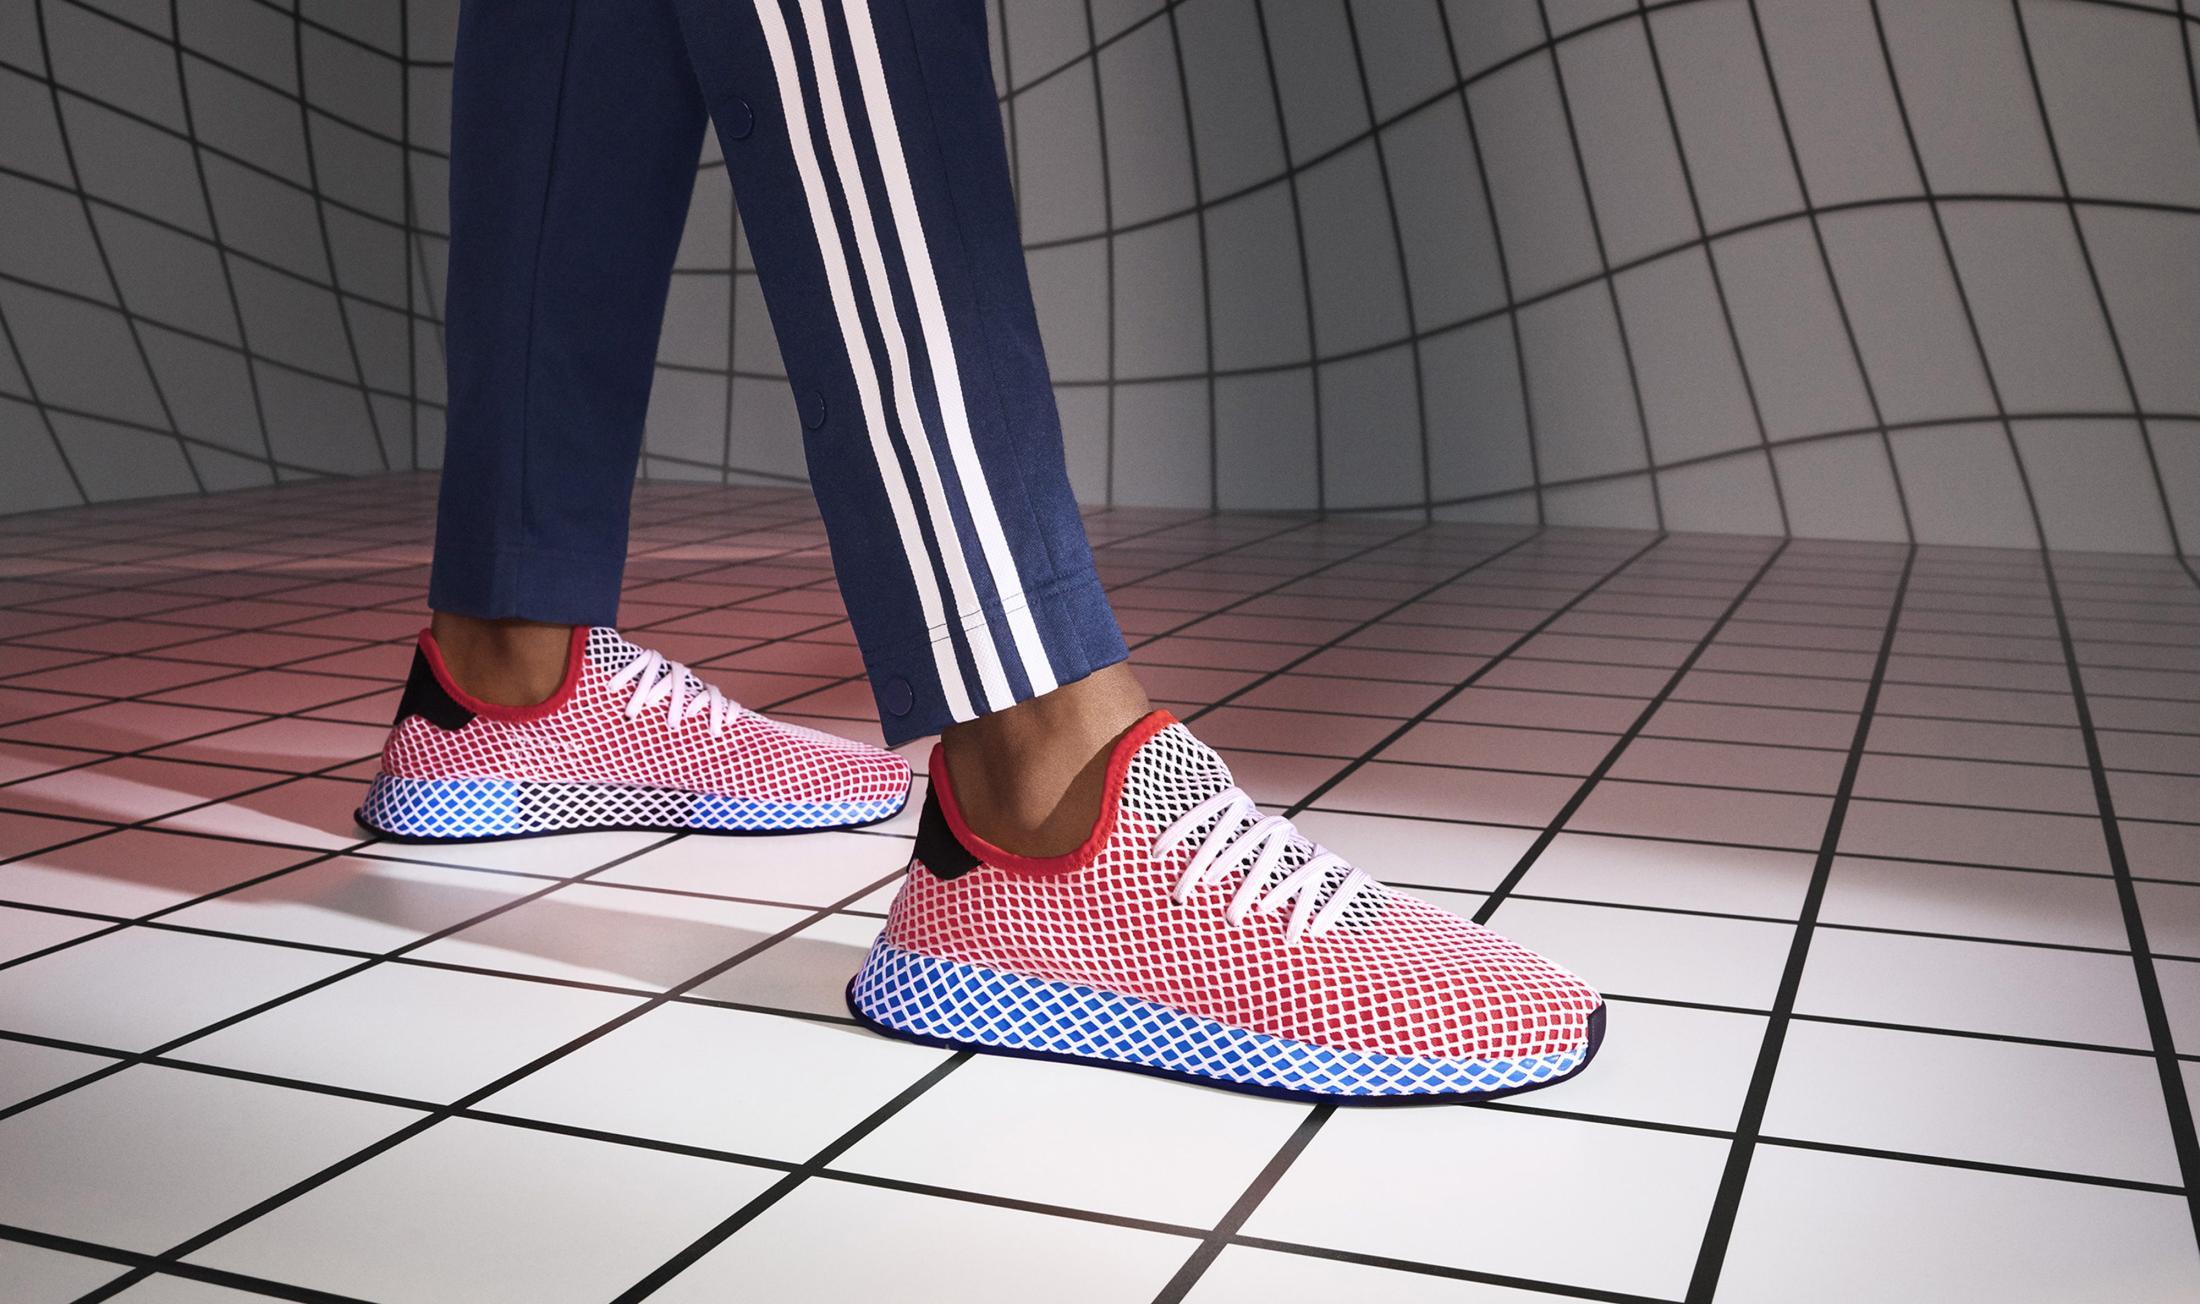 uroczy nowy przyjeżdża wysoka jakość Deerupt - nowe buty adidas zaprojektowane z myślą o Instagramie